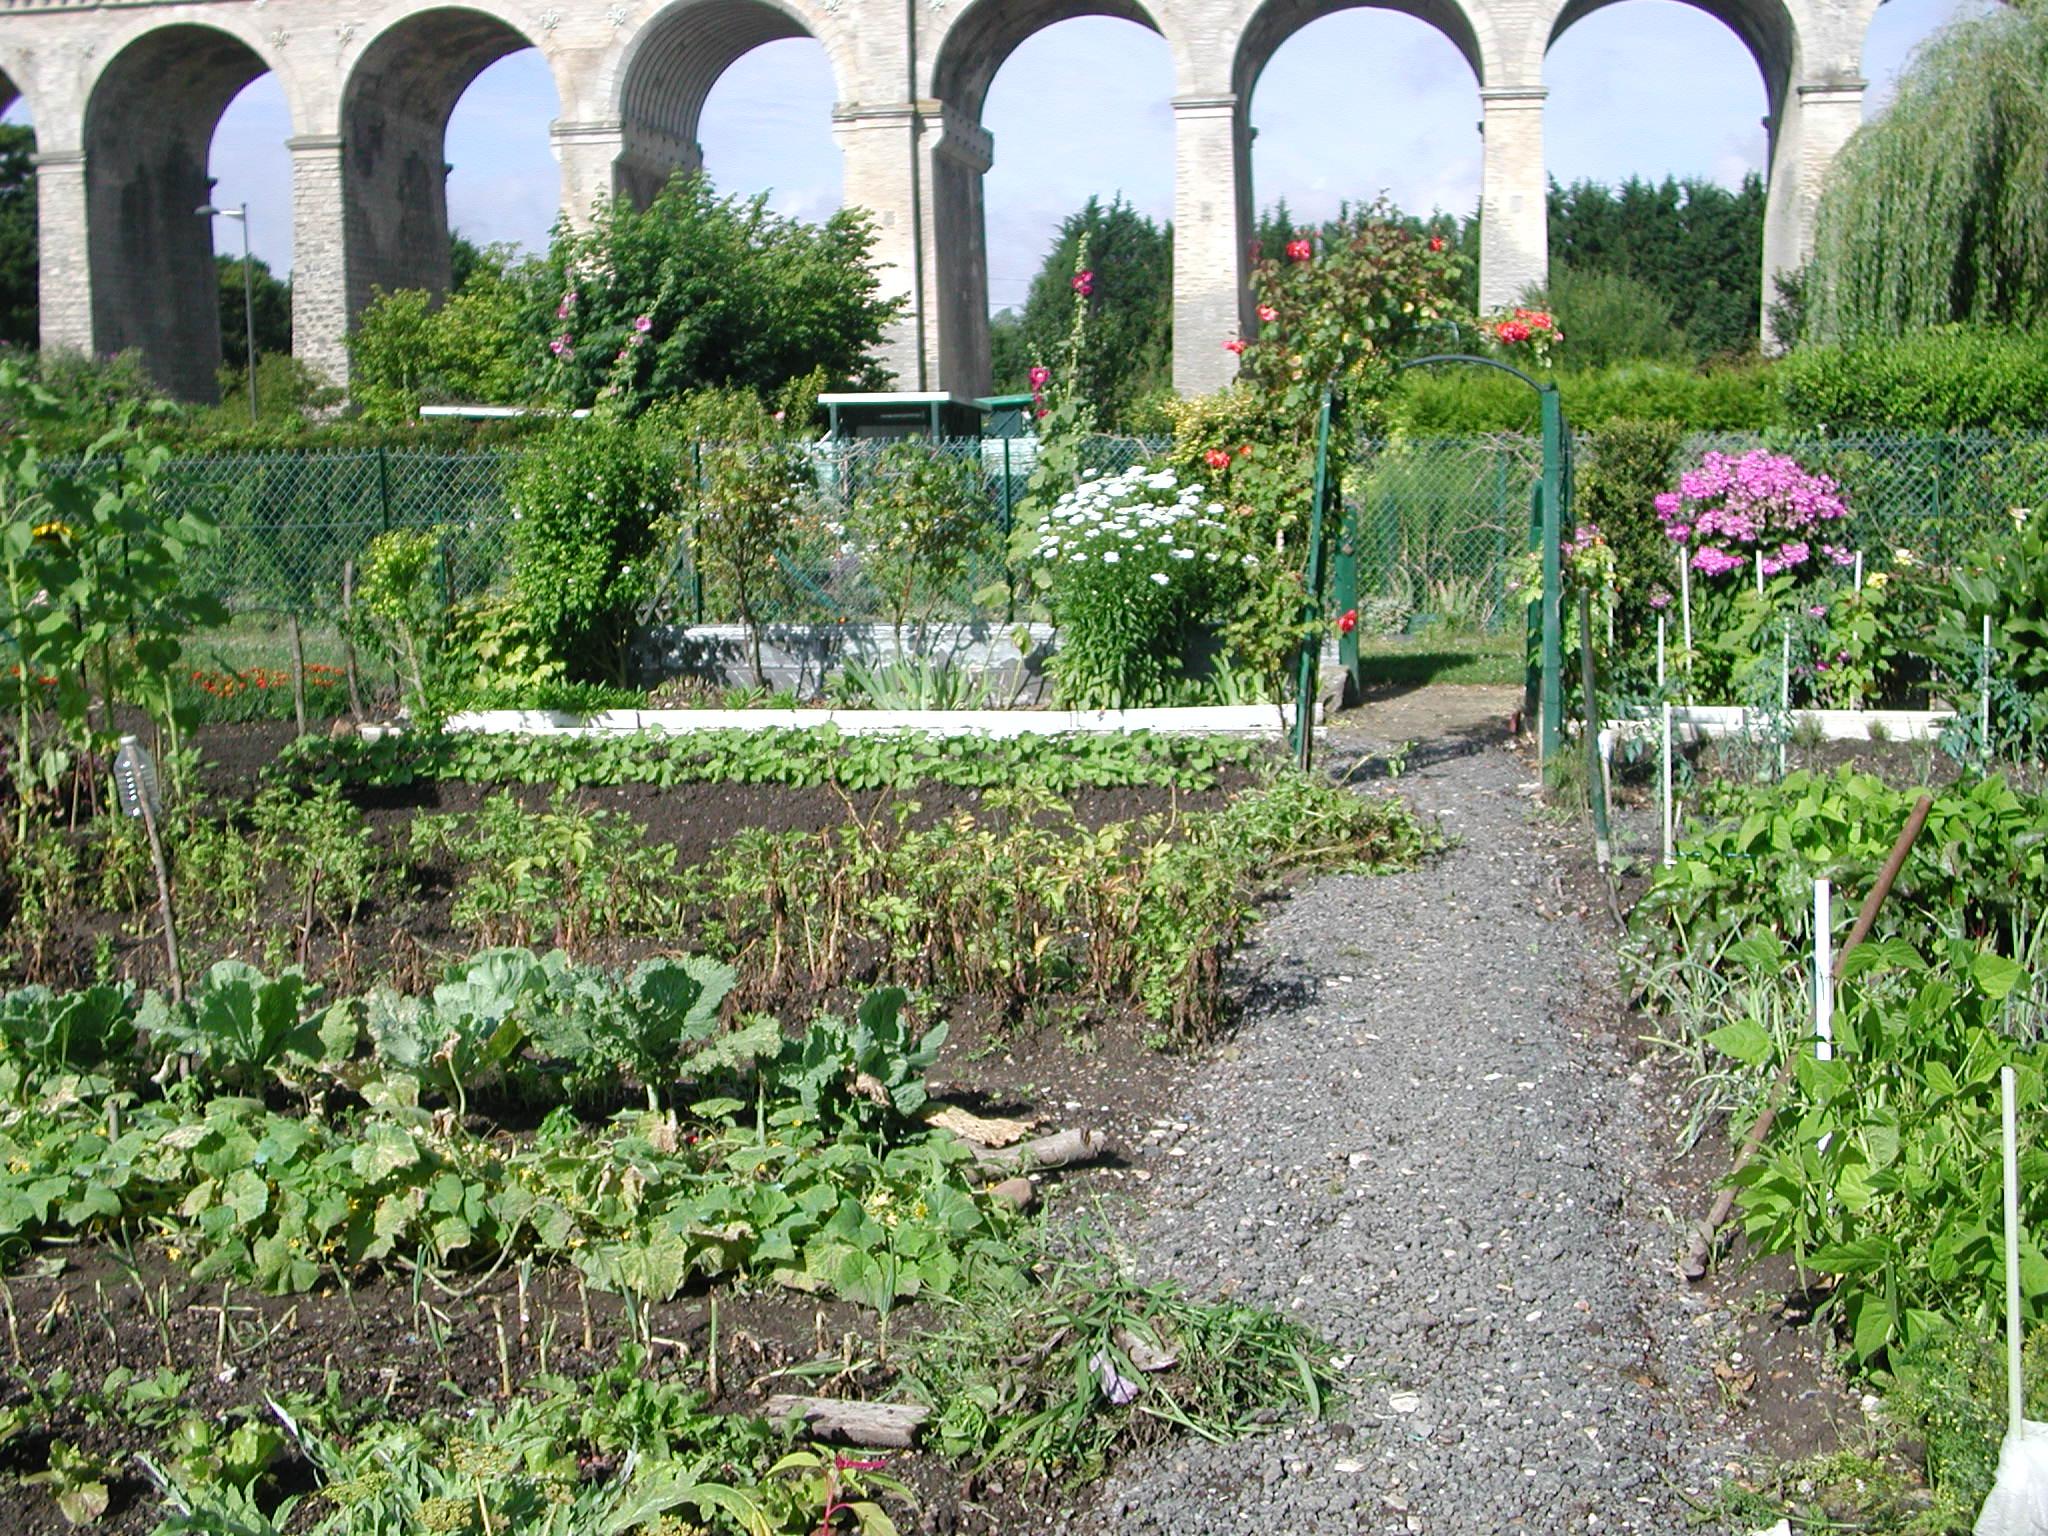 Les jardins de chantilly jardins familiaux de chantilly - Le jardin d hiver chantilly ...